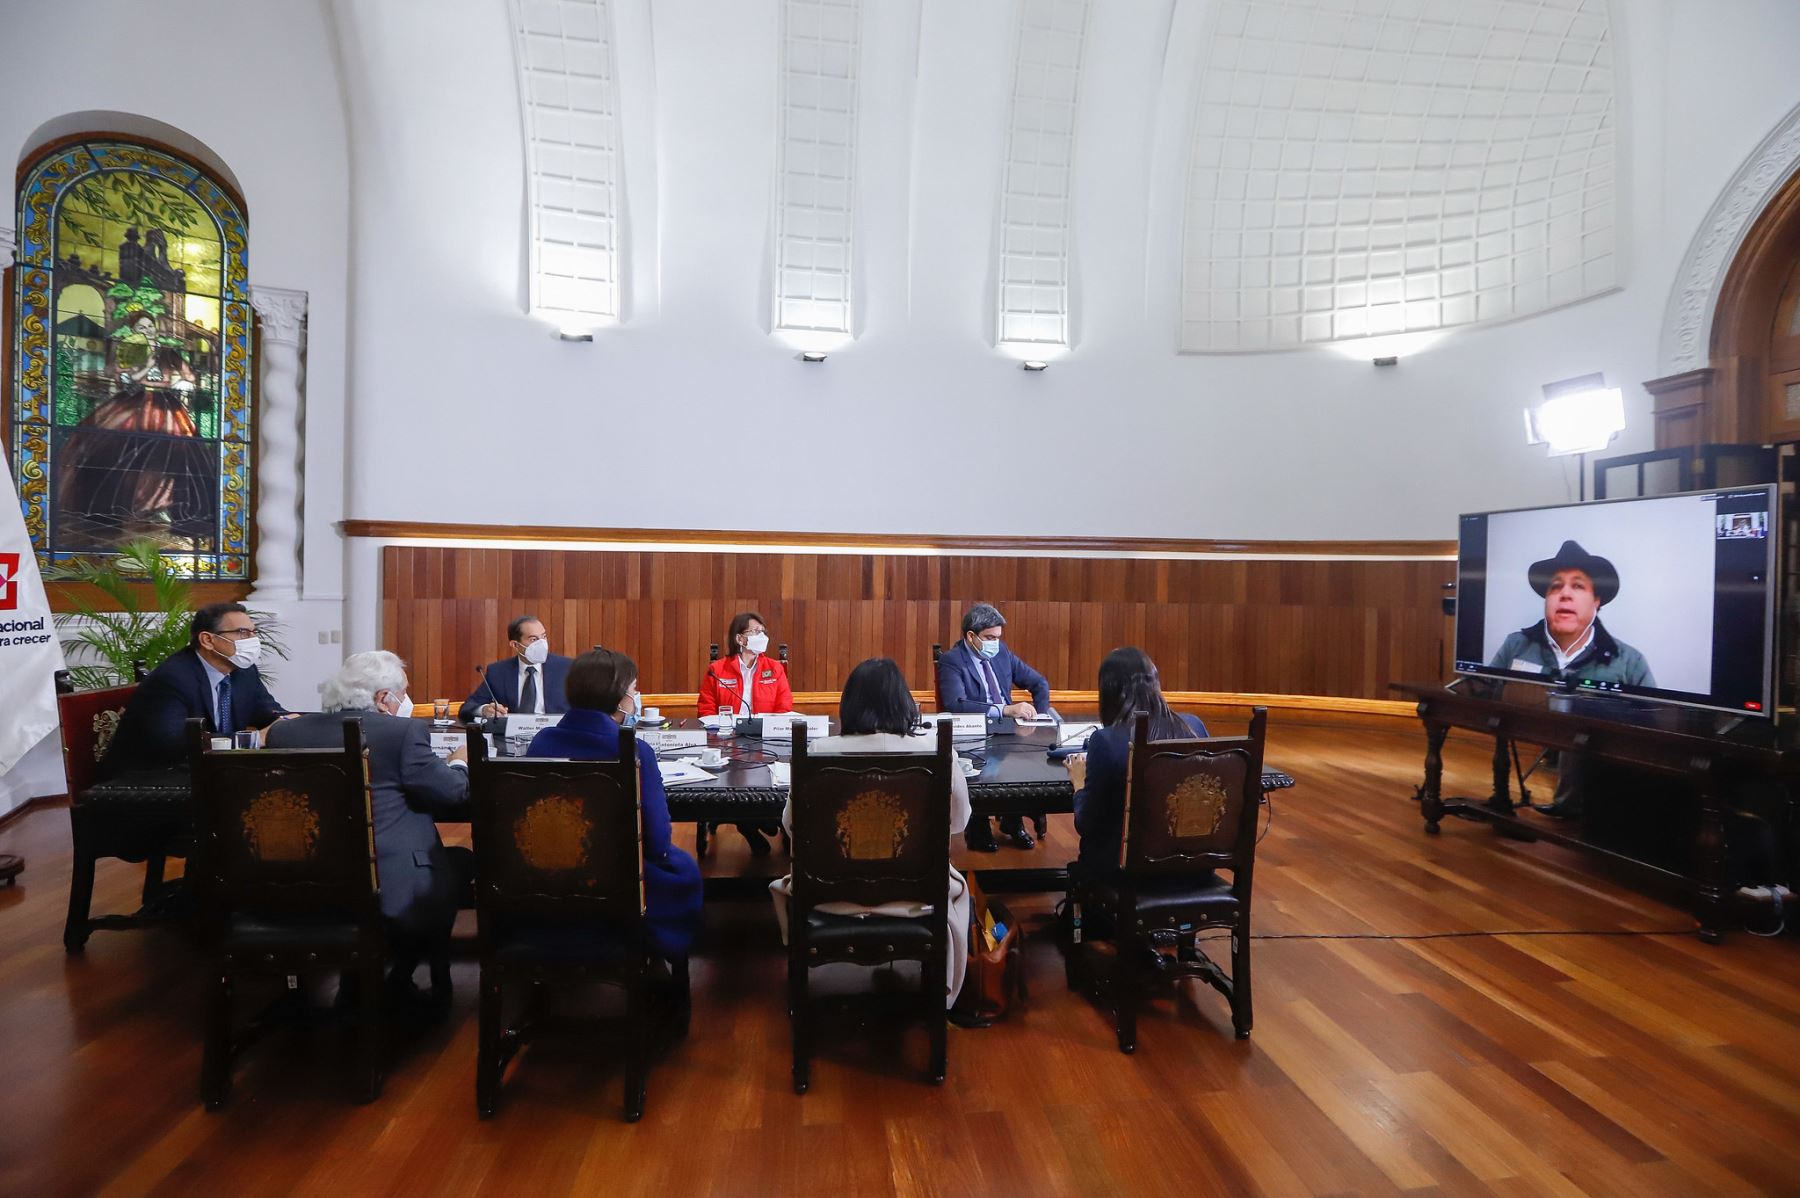 El presidente Martin Vizcarra preside reunión donde se expondrán las propuestas del Pacto Perú. Foto: ANDINA/Prensa Presidencia